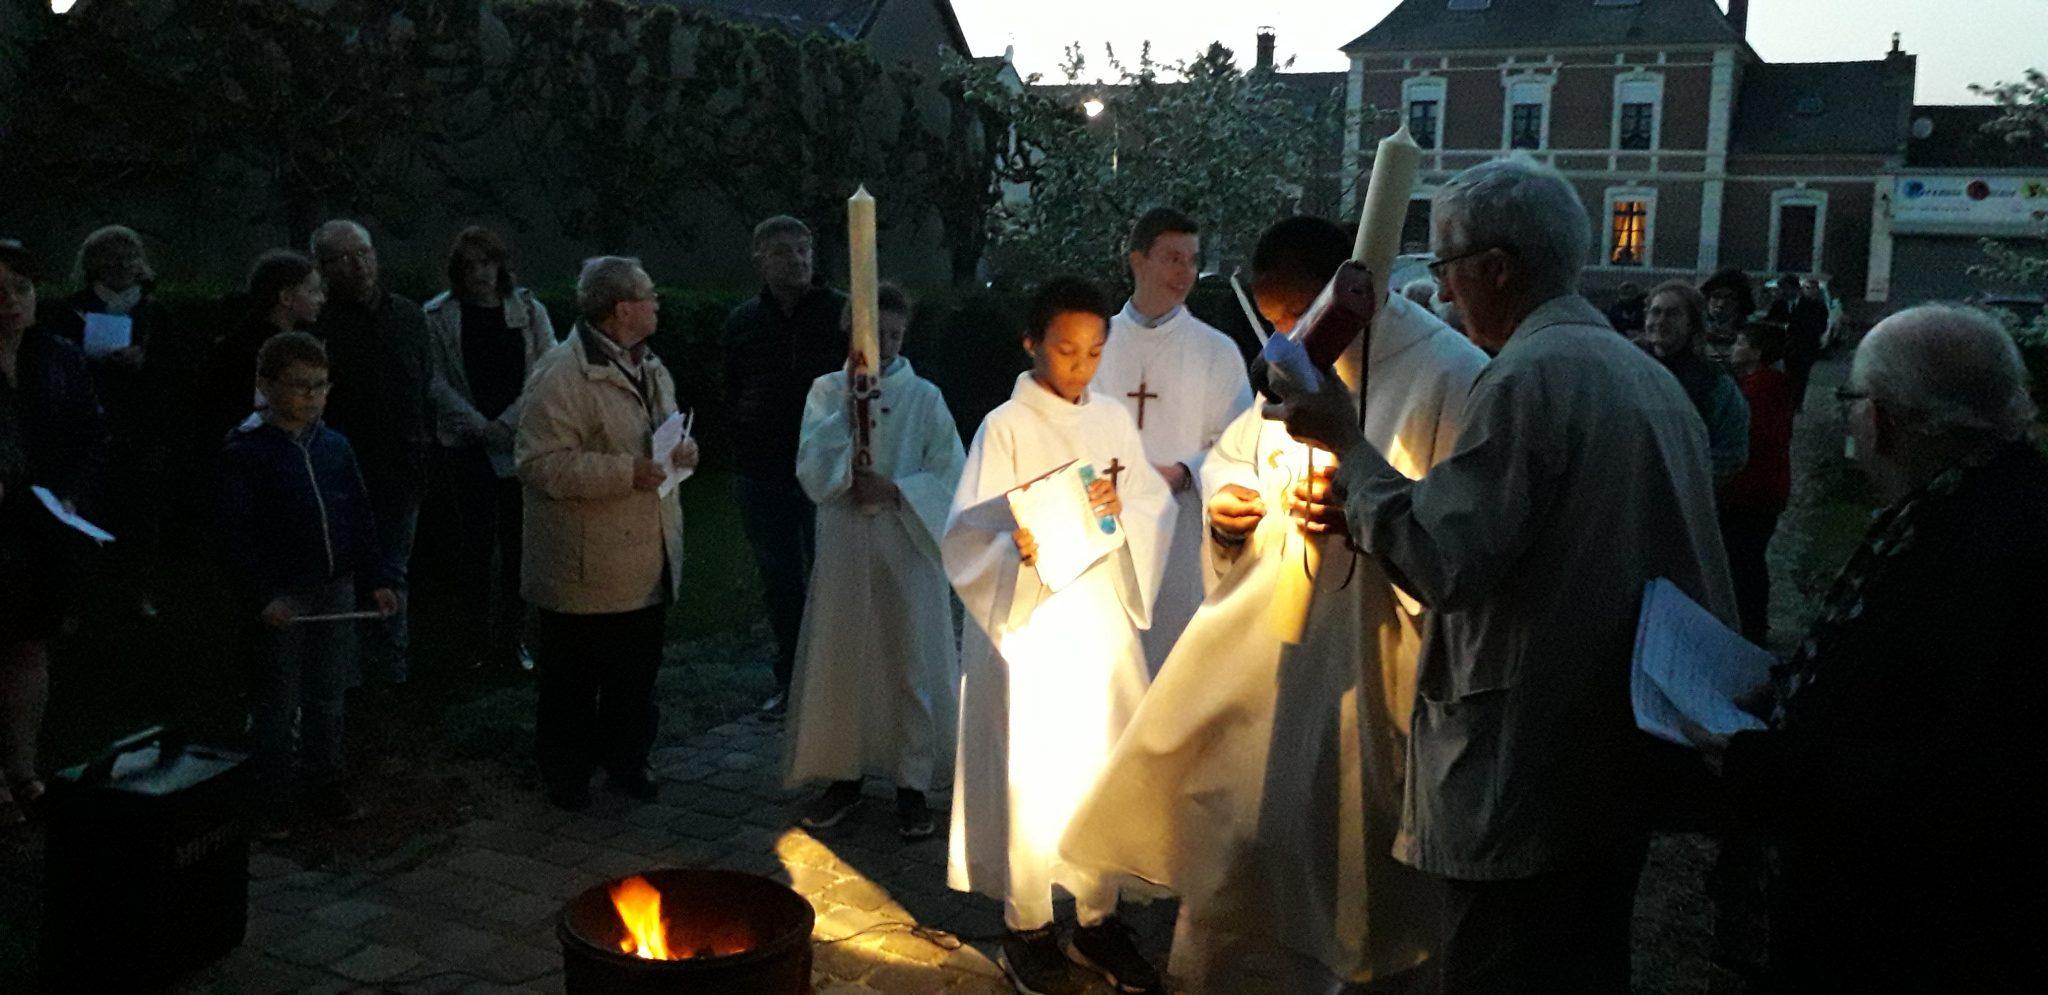 https://www.amiens.catholique.fr/wp-content/uploads/sites/9/2019/04/20190420_211802.jpg